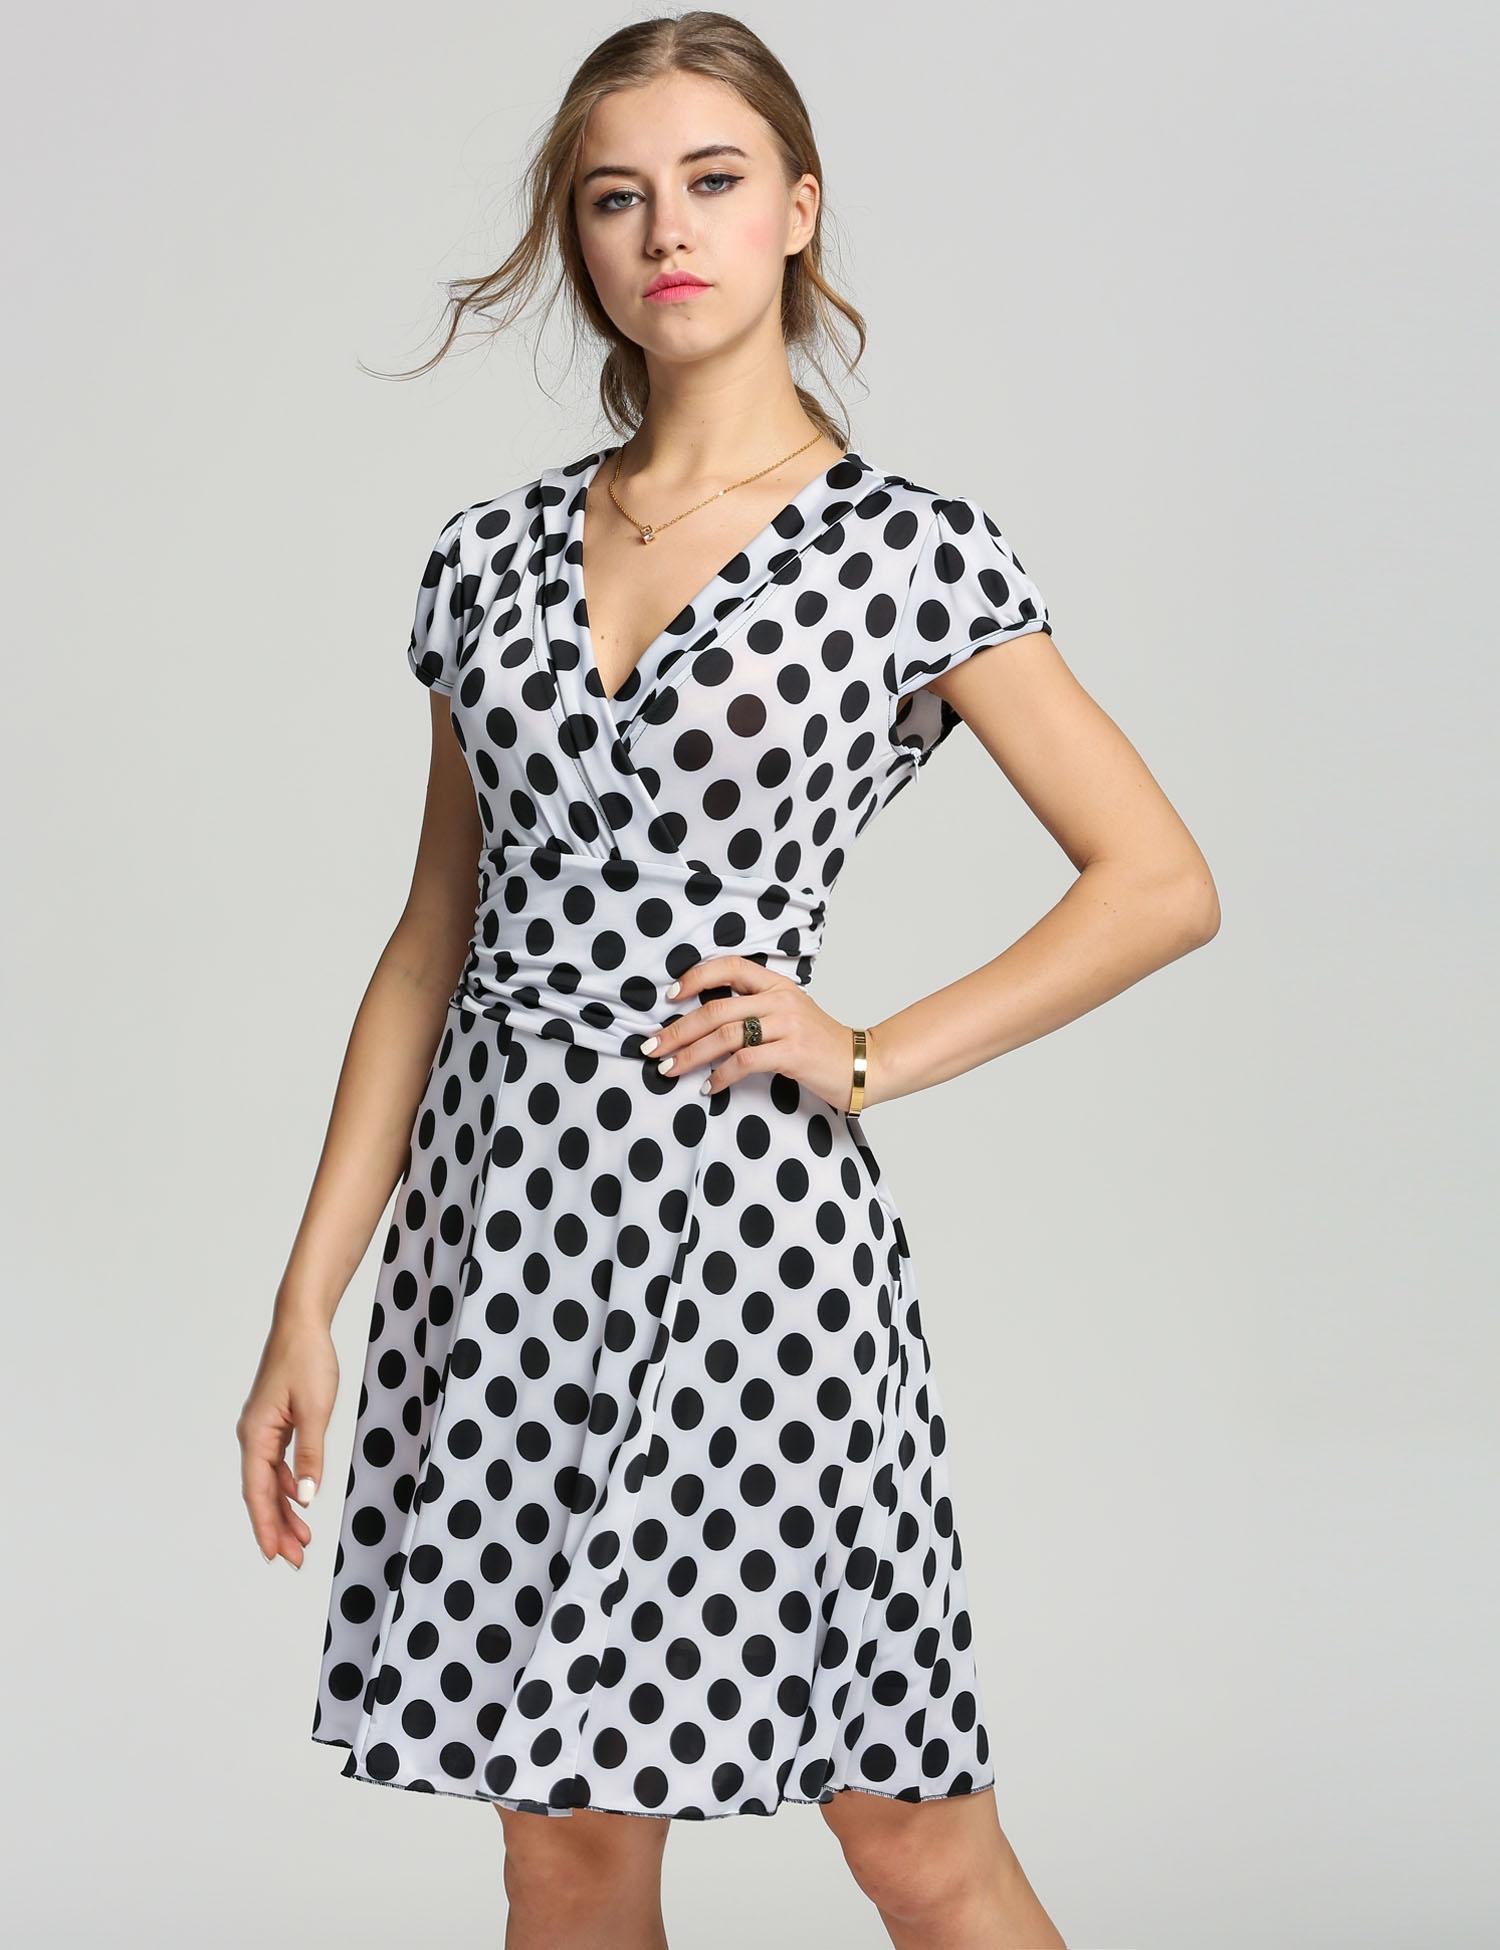 1a85d63c2c8 002 Letní zavinovací šaty s puntíky bíločerné